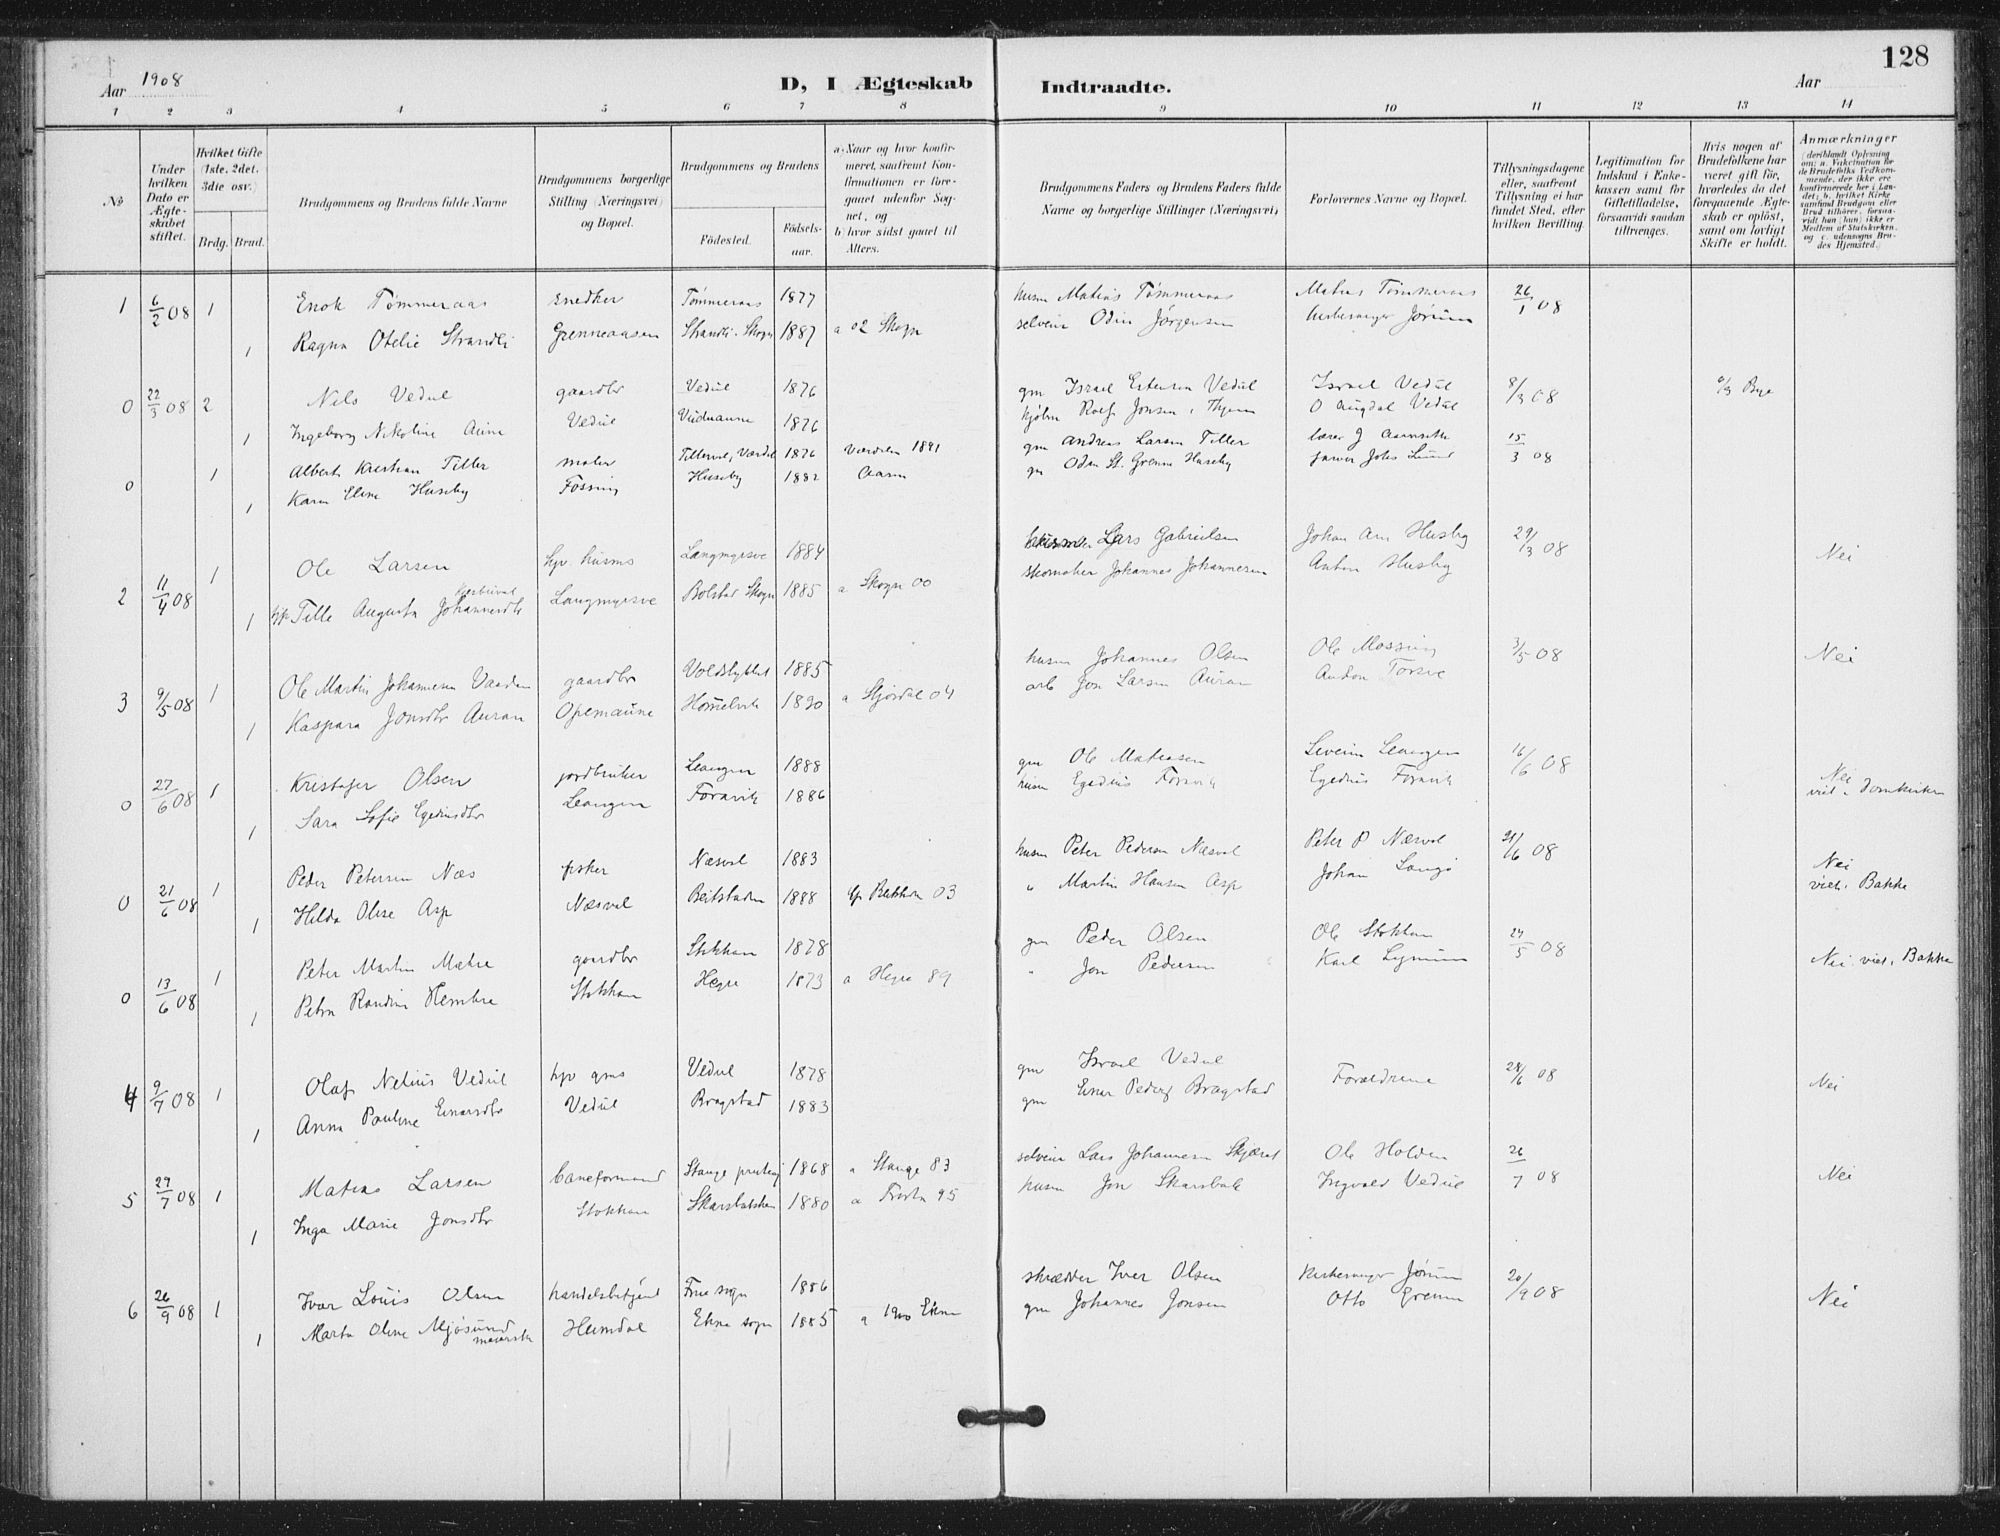 SAT, Ministerialprotokoller, klokkerbøker og fødselsregistre - Nord-Trøndelag, 714/L0131: Ministerialbok nr. 714A02, 1896-1918, s. 128